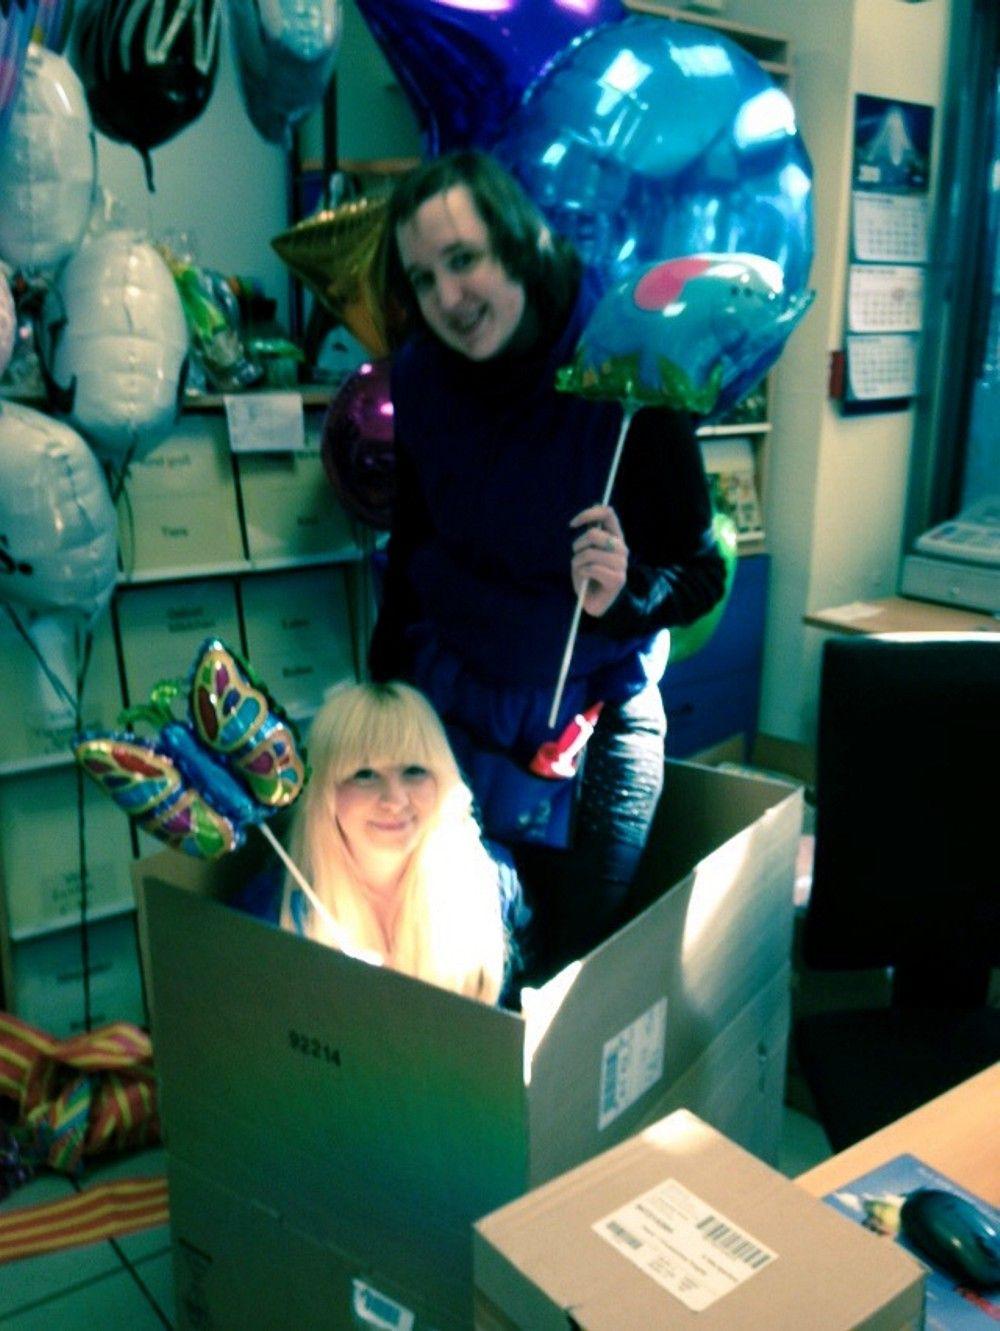 Die Mitarbeiter haben schon einmal Spaß ...  :-)